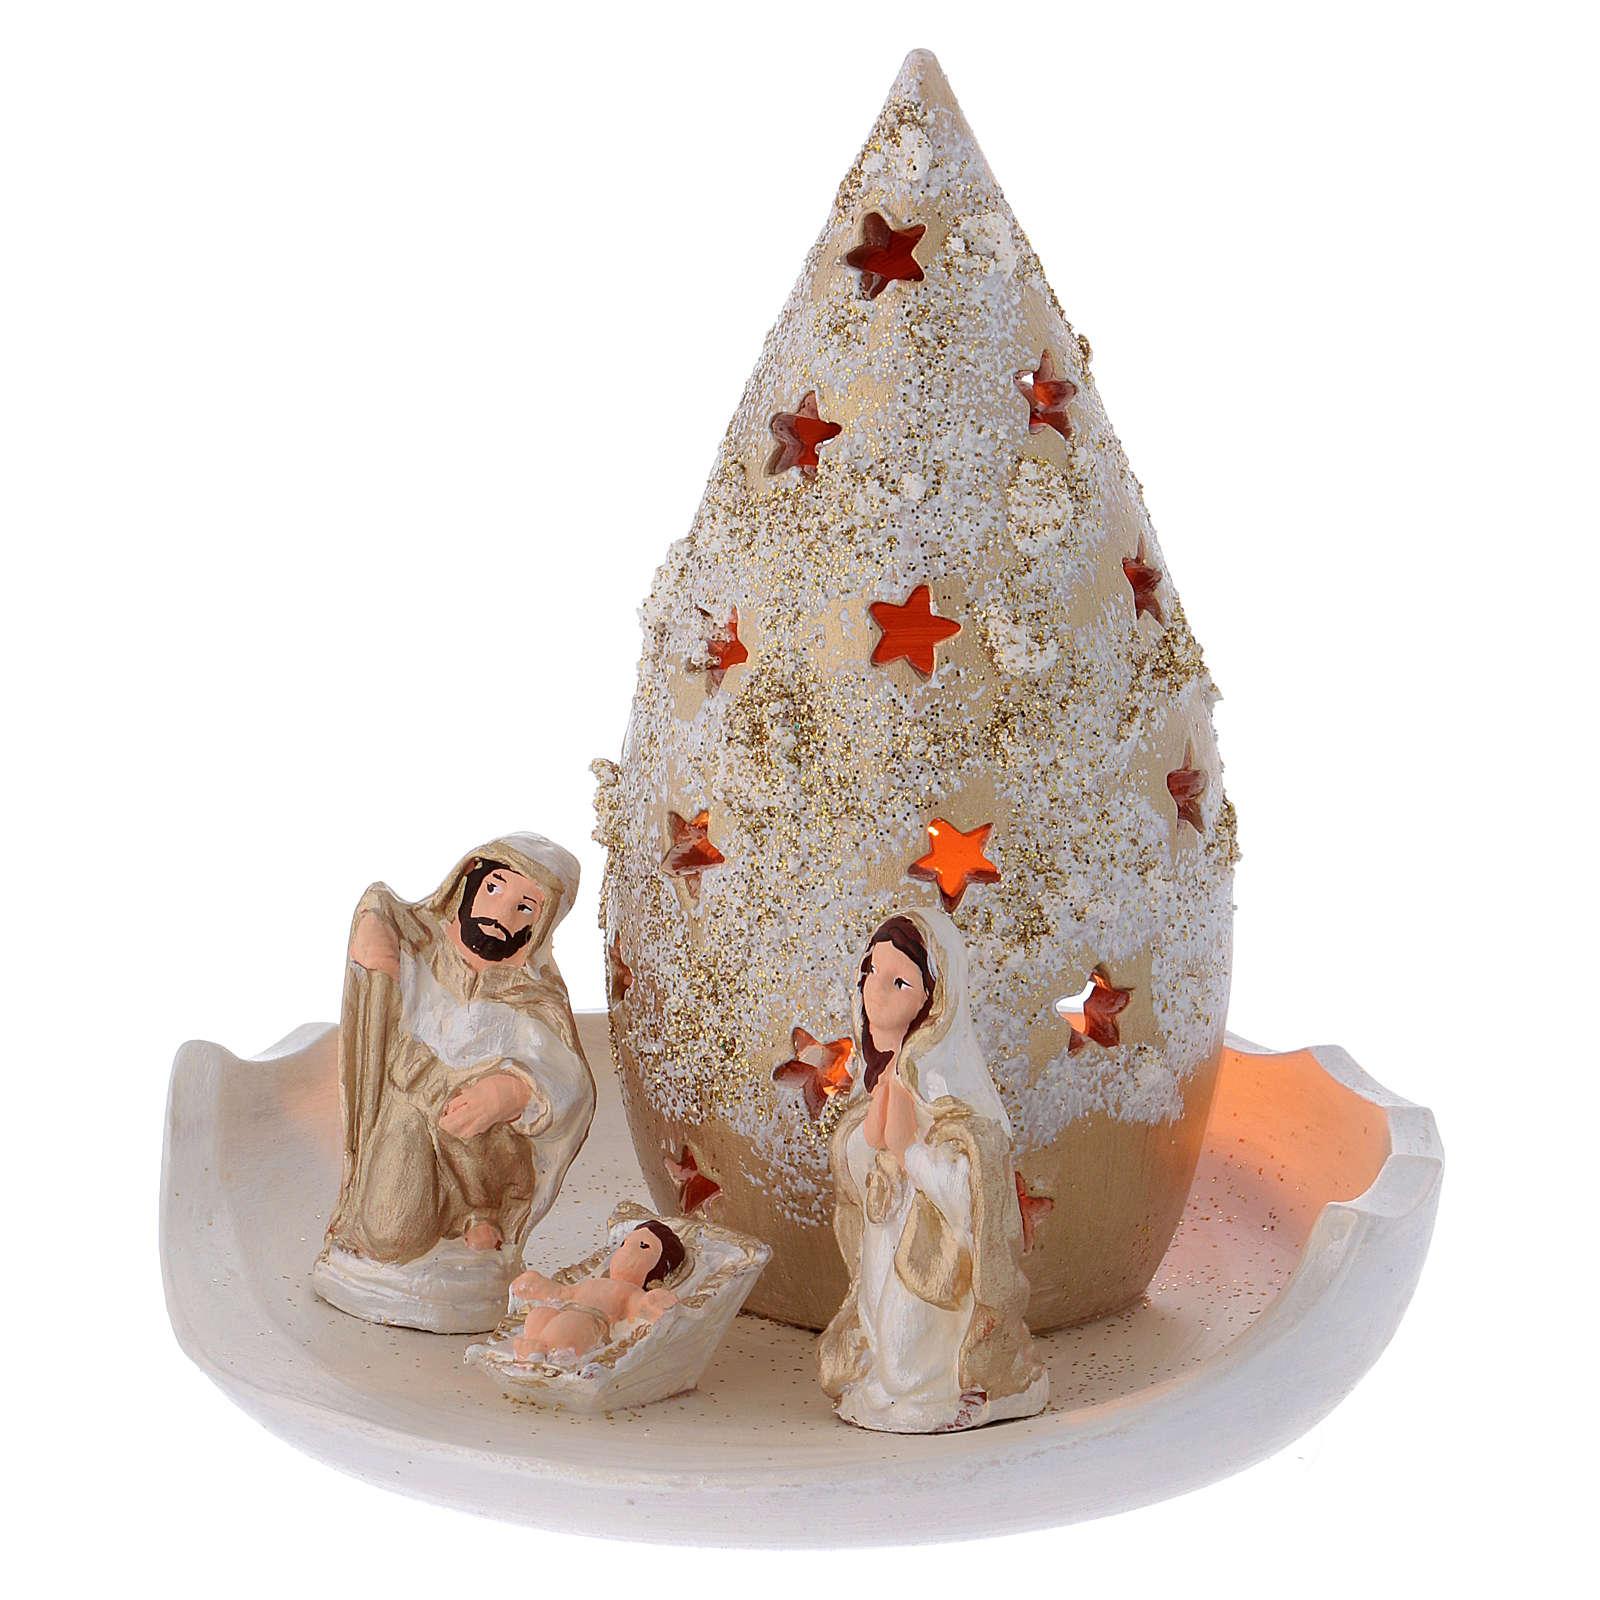 Assiette avec Arbre de Noël et Nativité or et ivoire en terre cuite Deruta 4